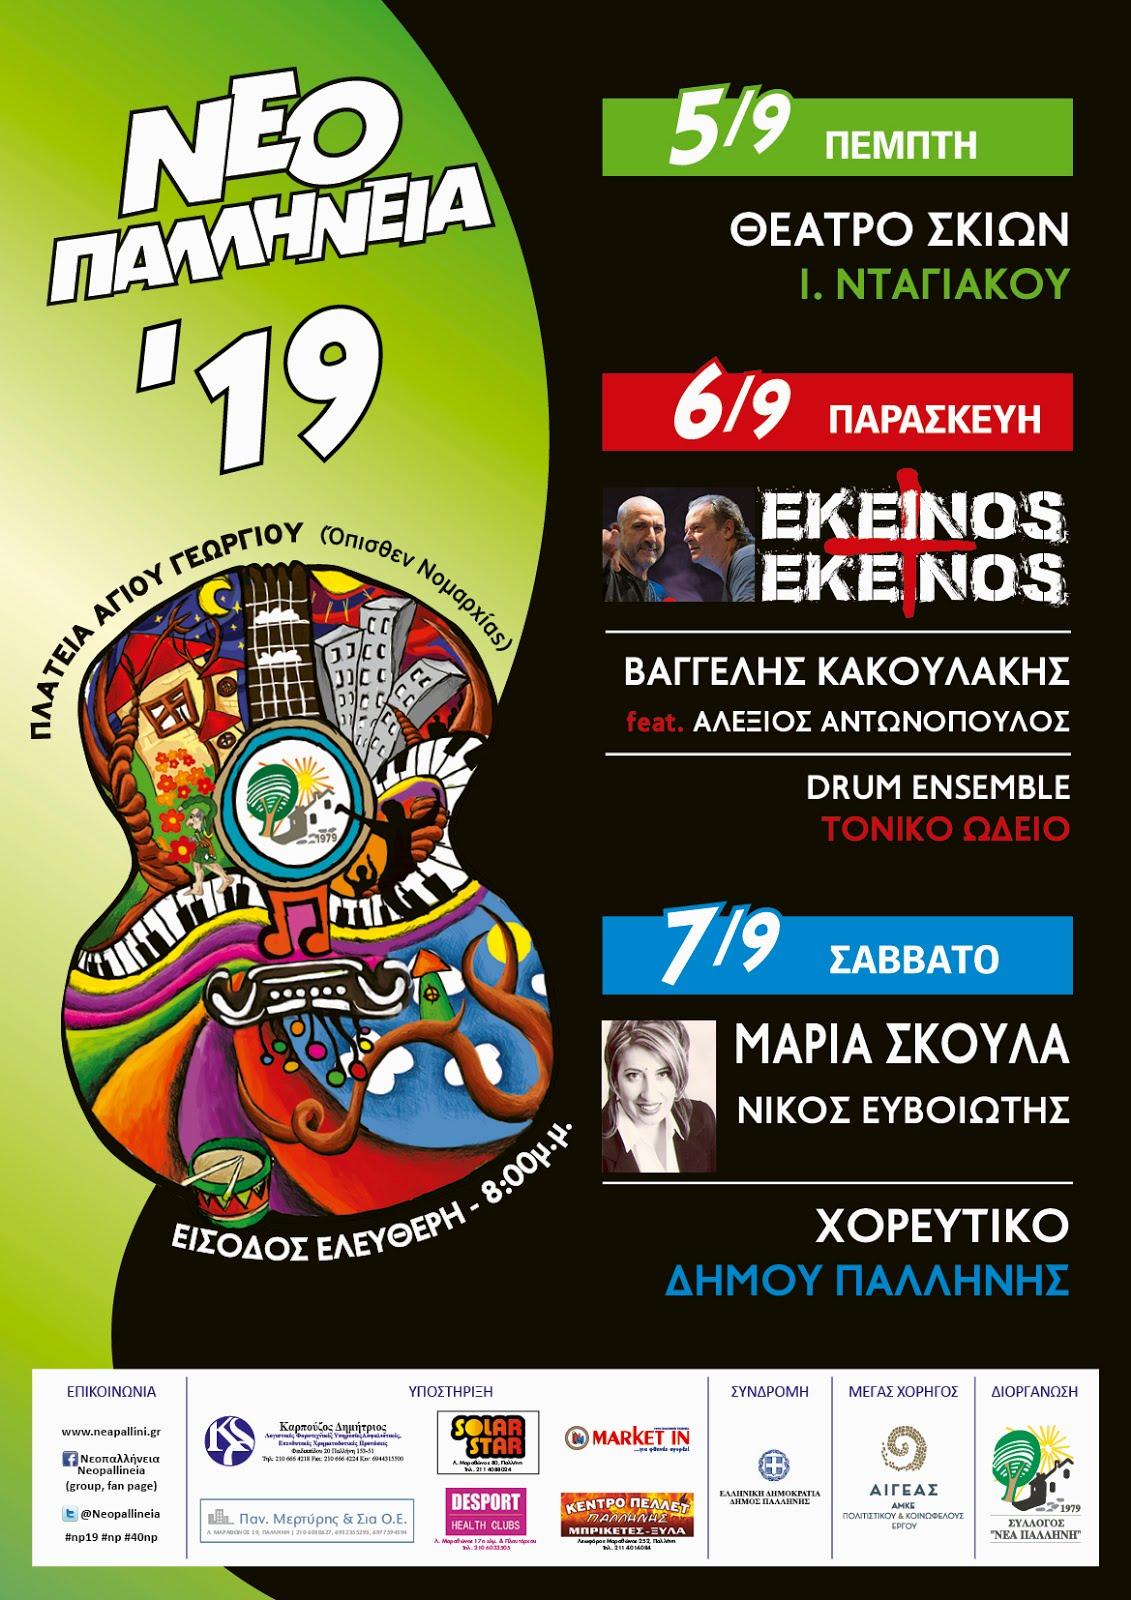 Νεοπαλλήνεια 2019